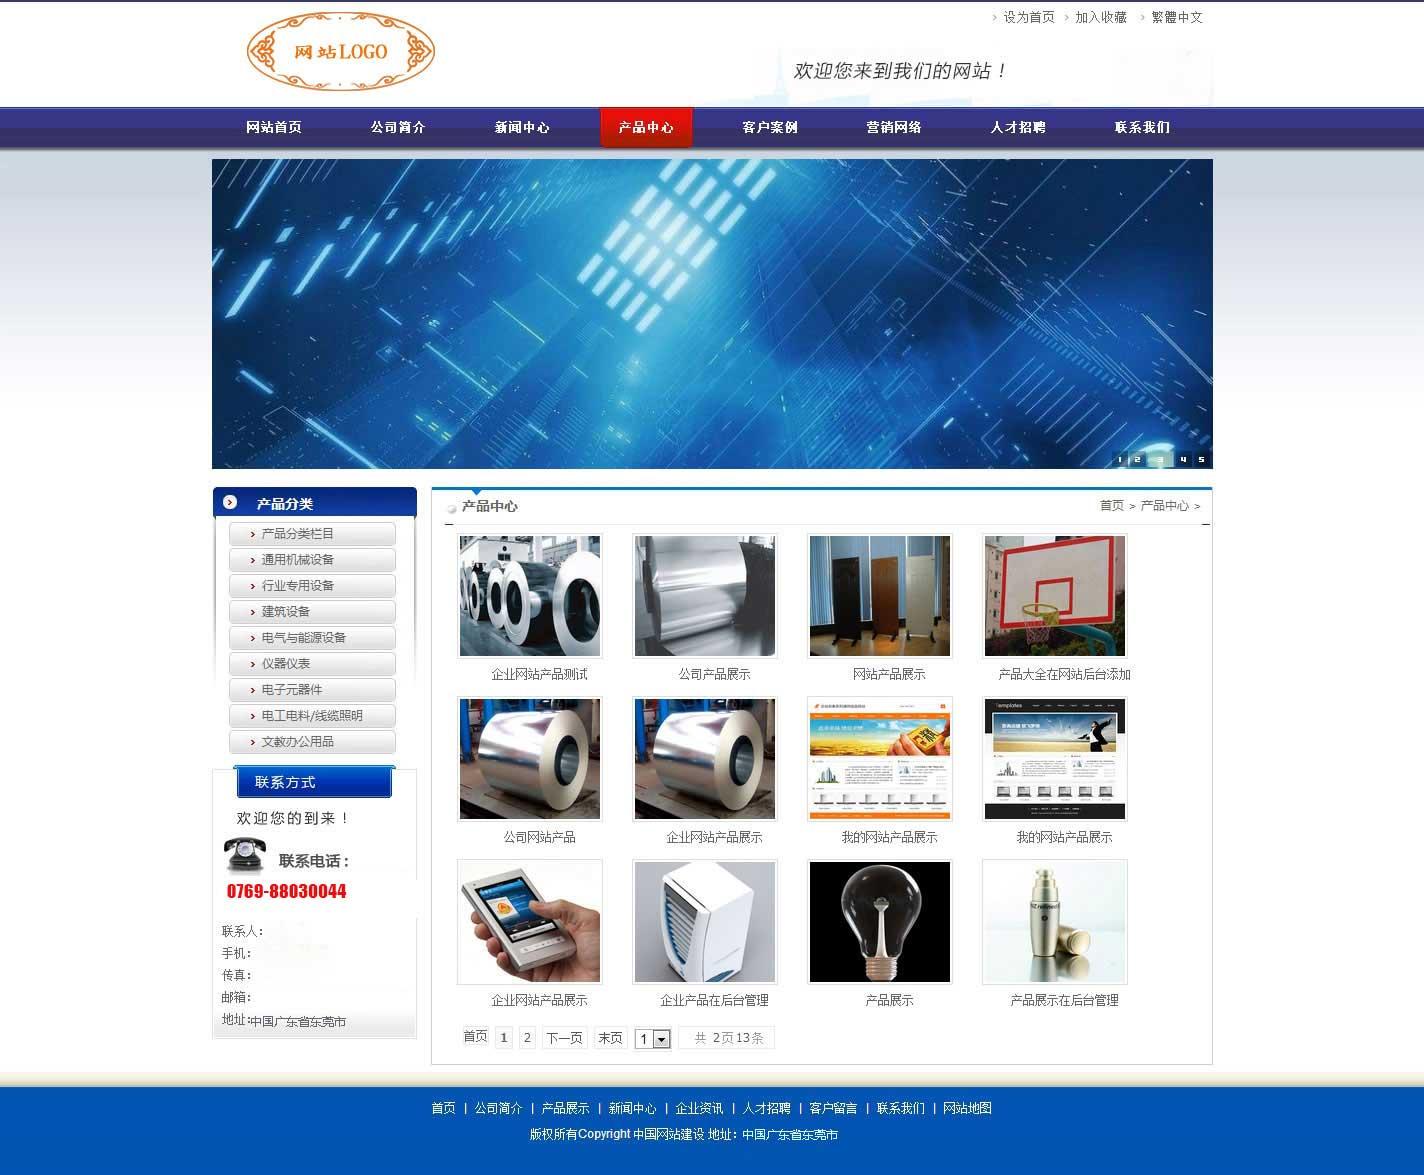 经典五金产品企业公司网站